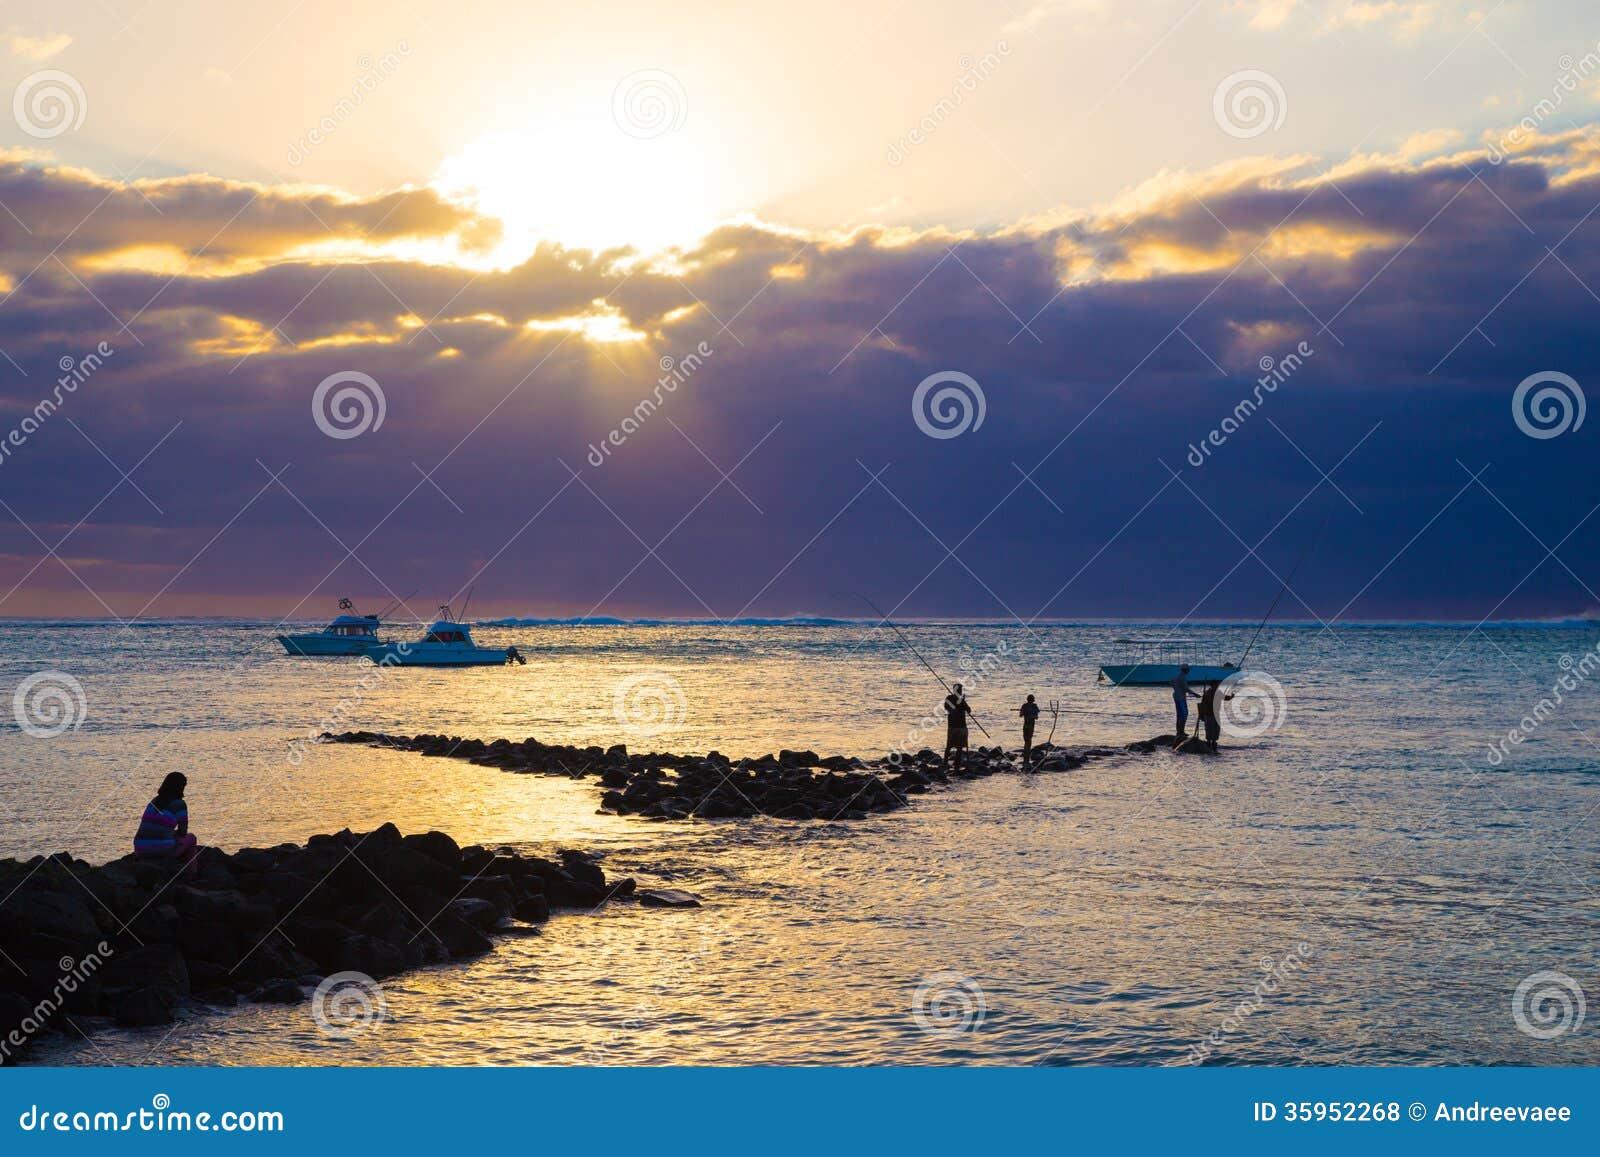 Pesca en mar en la puesta del sol